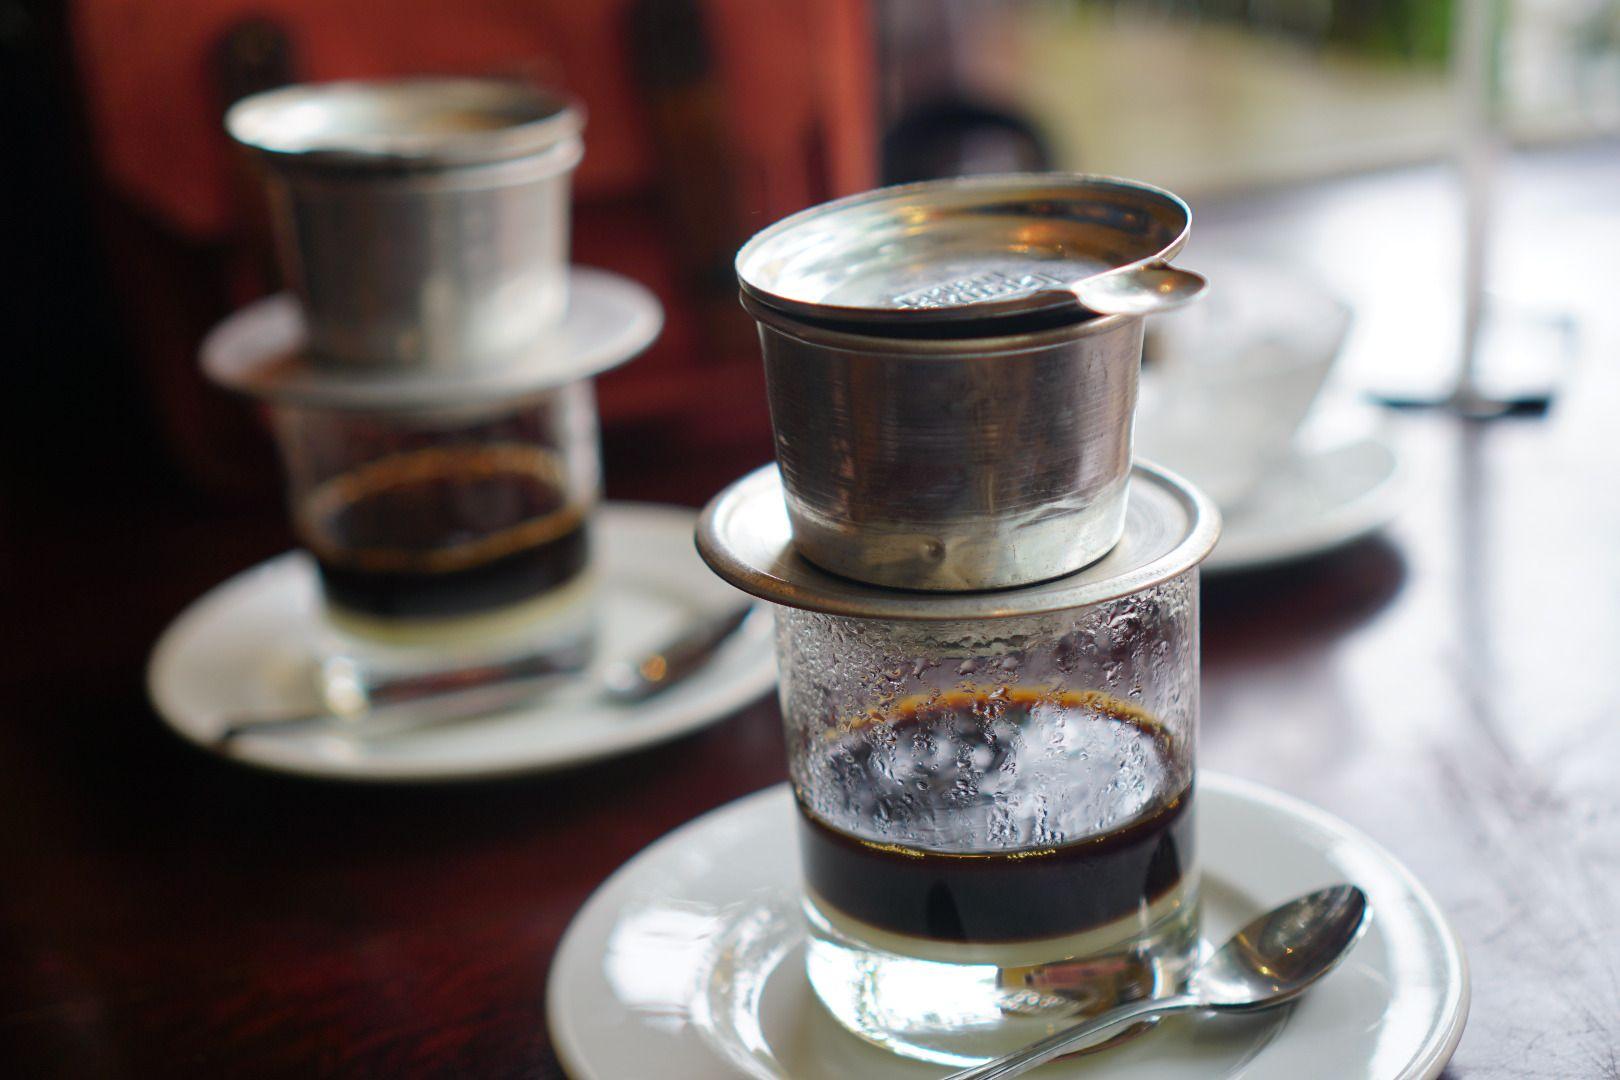 Cách pha cà phê Robusta như thế nào để ngon đúng vị?